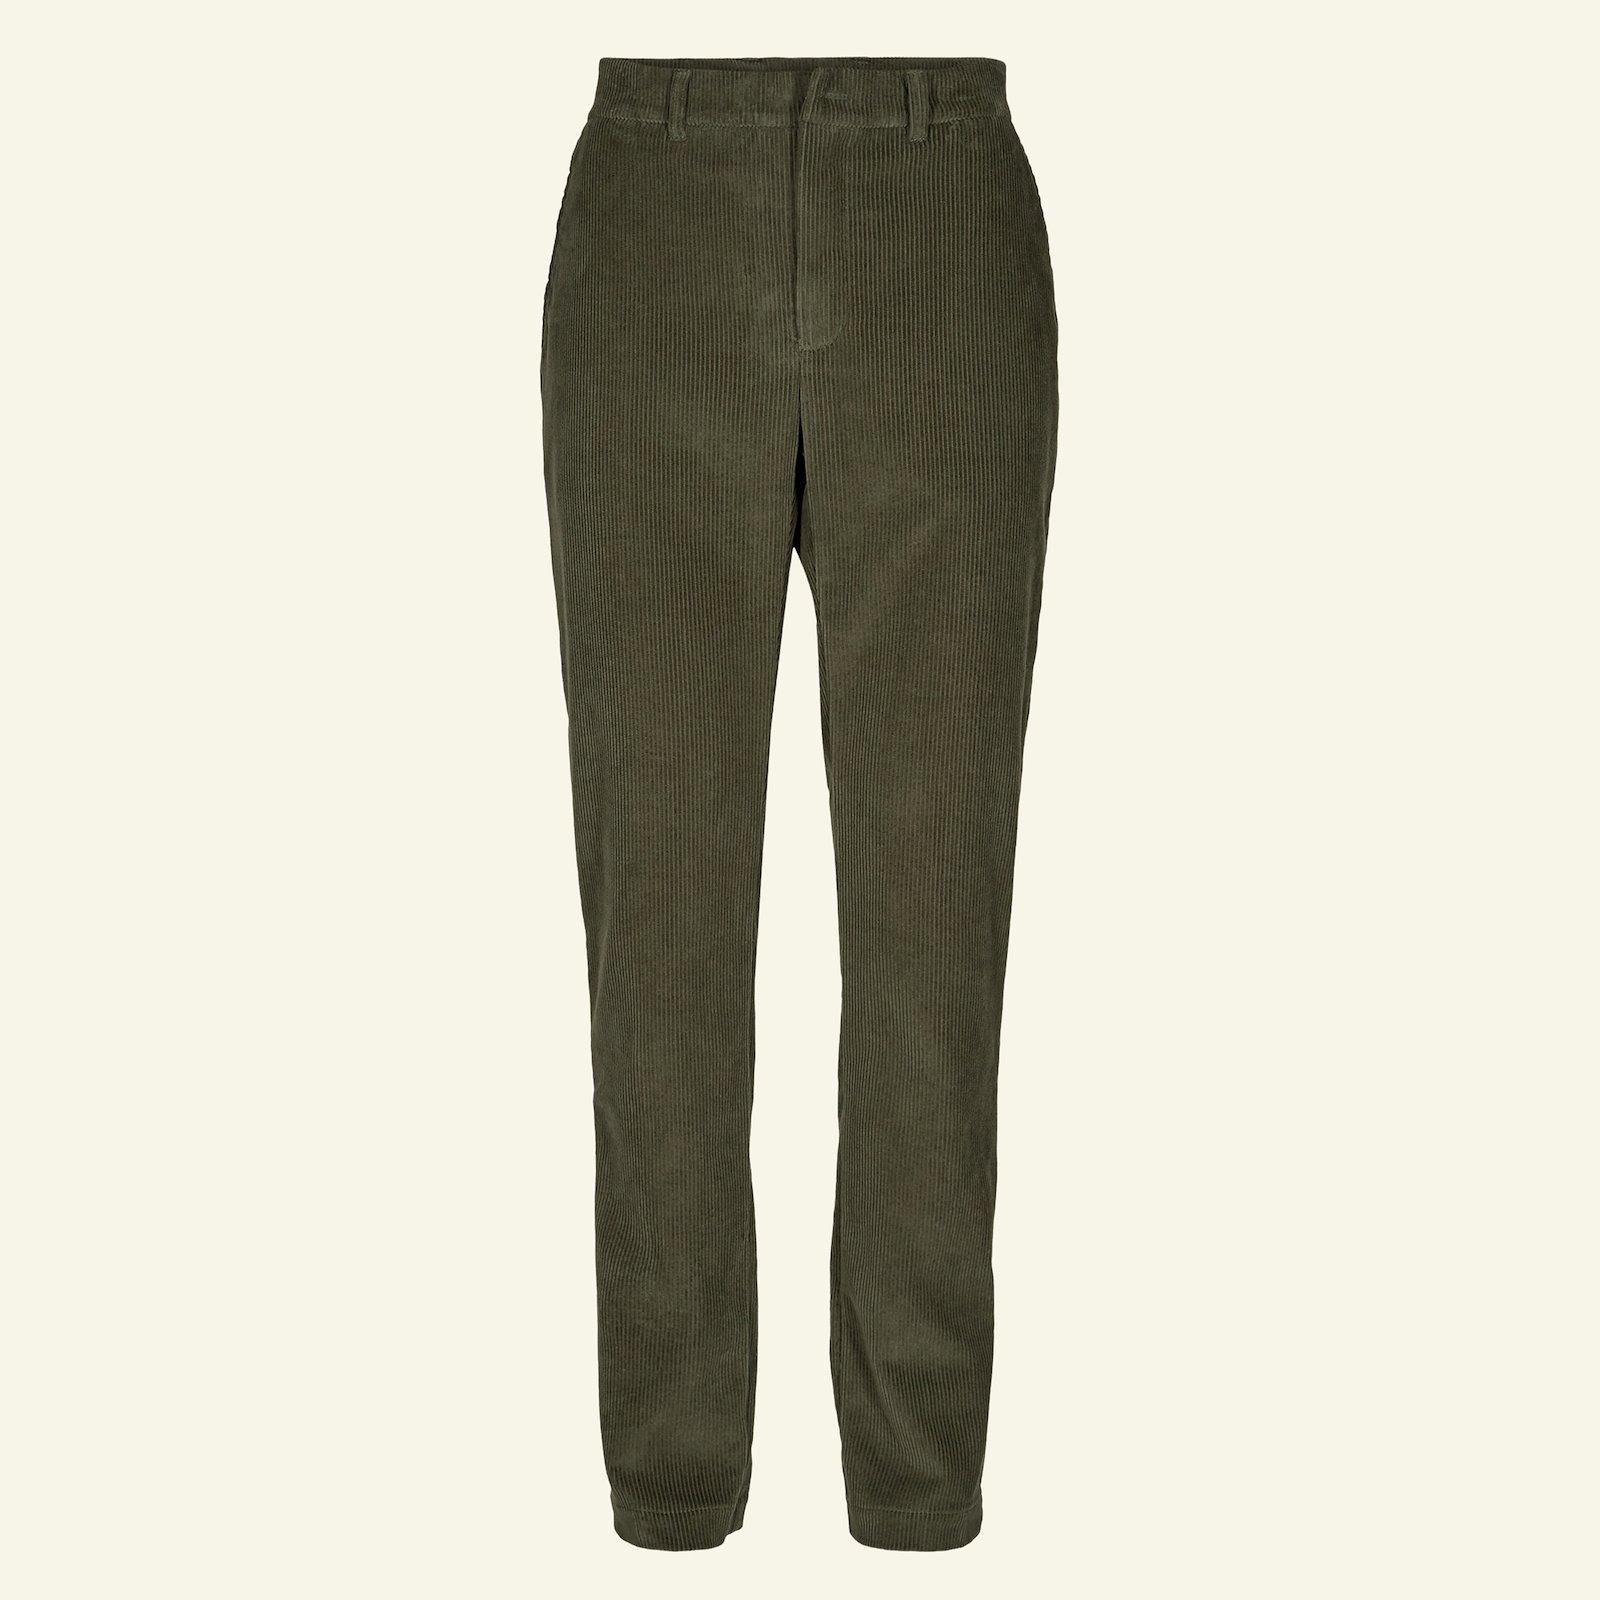 Chino trousers, 52 p85001_430000_sskit